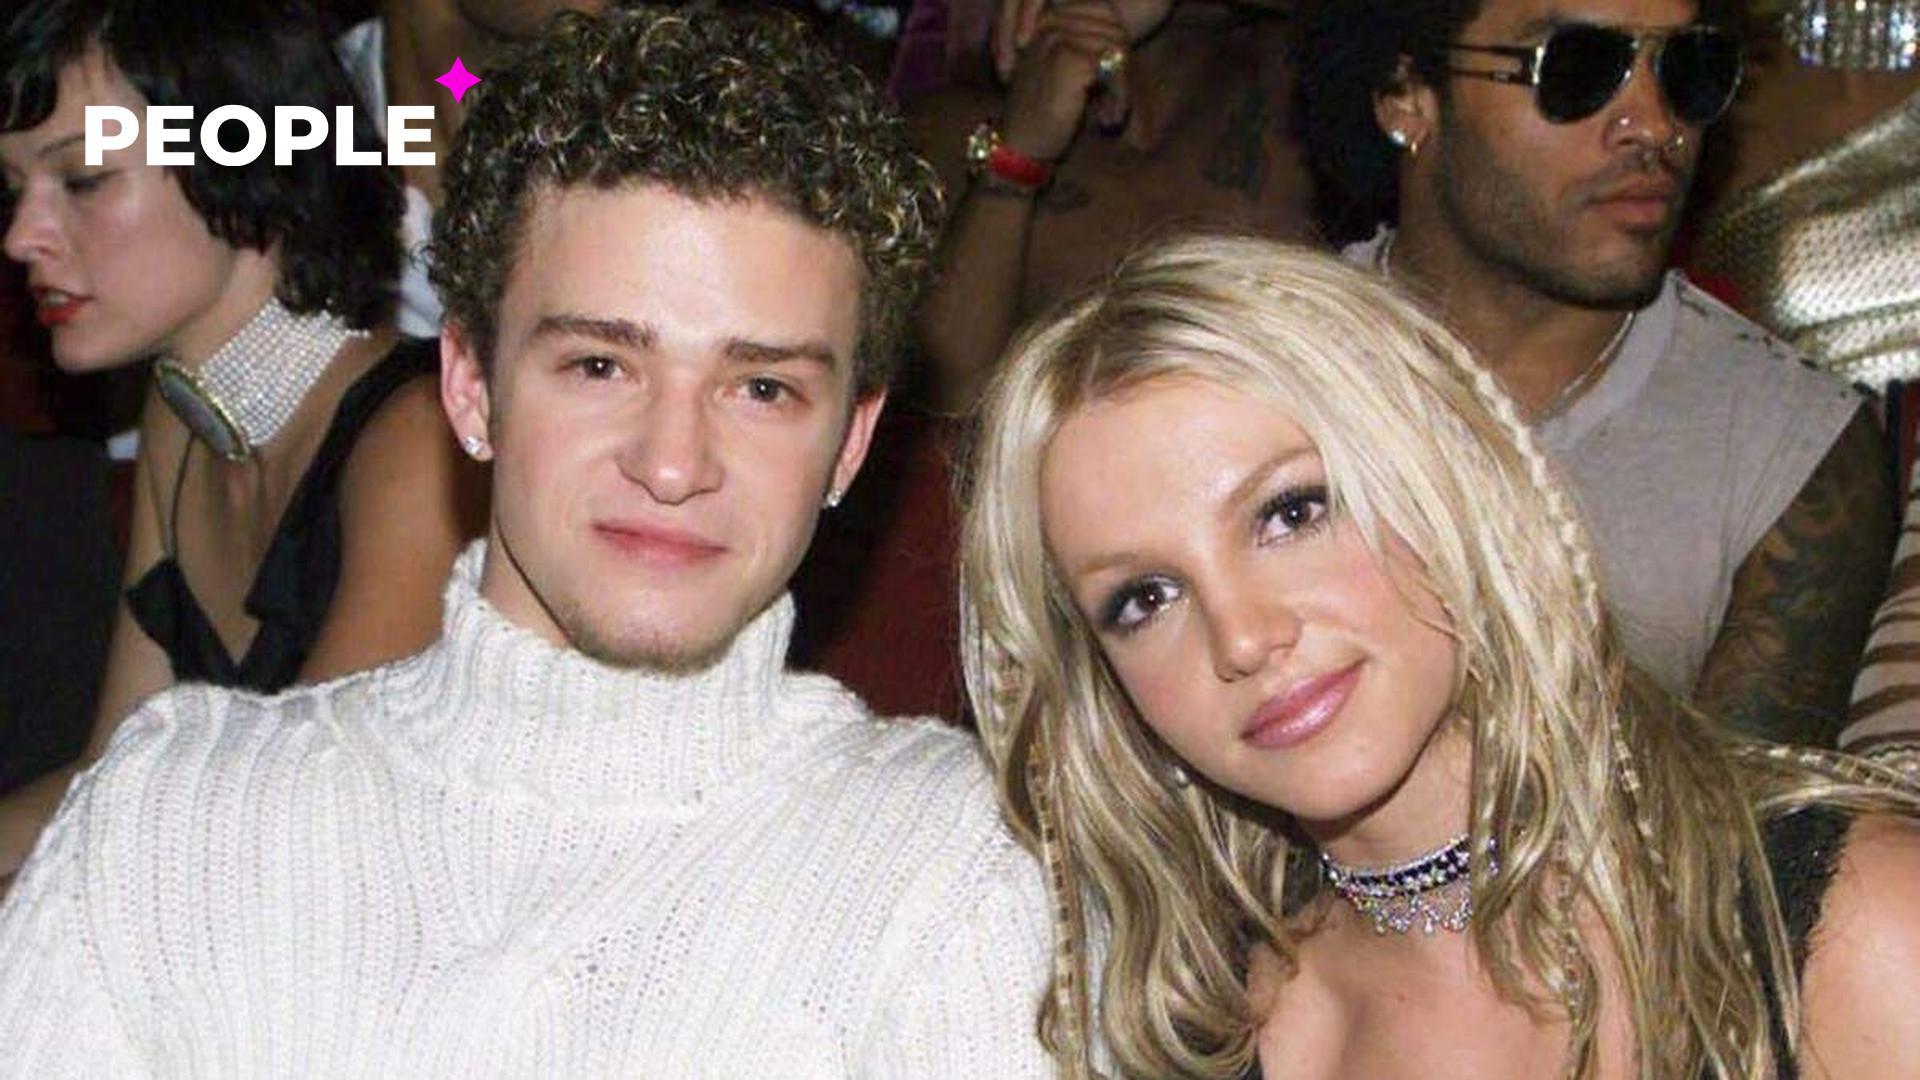 Джастин Тимберлейк поддержал бывшую возлюбленную Бритни Спирс в борьбе против её отца